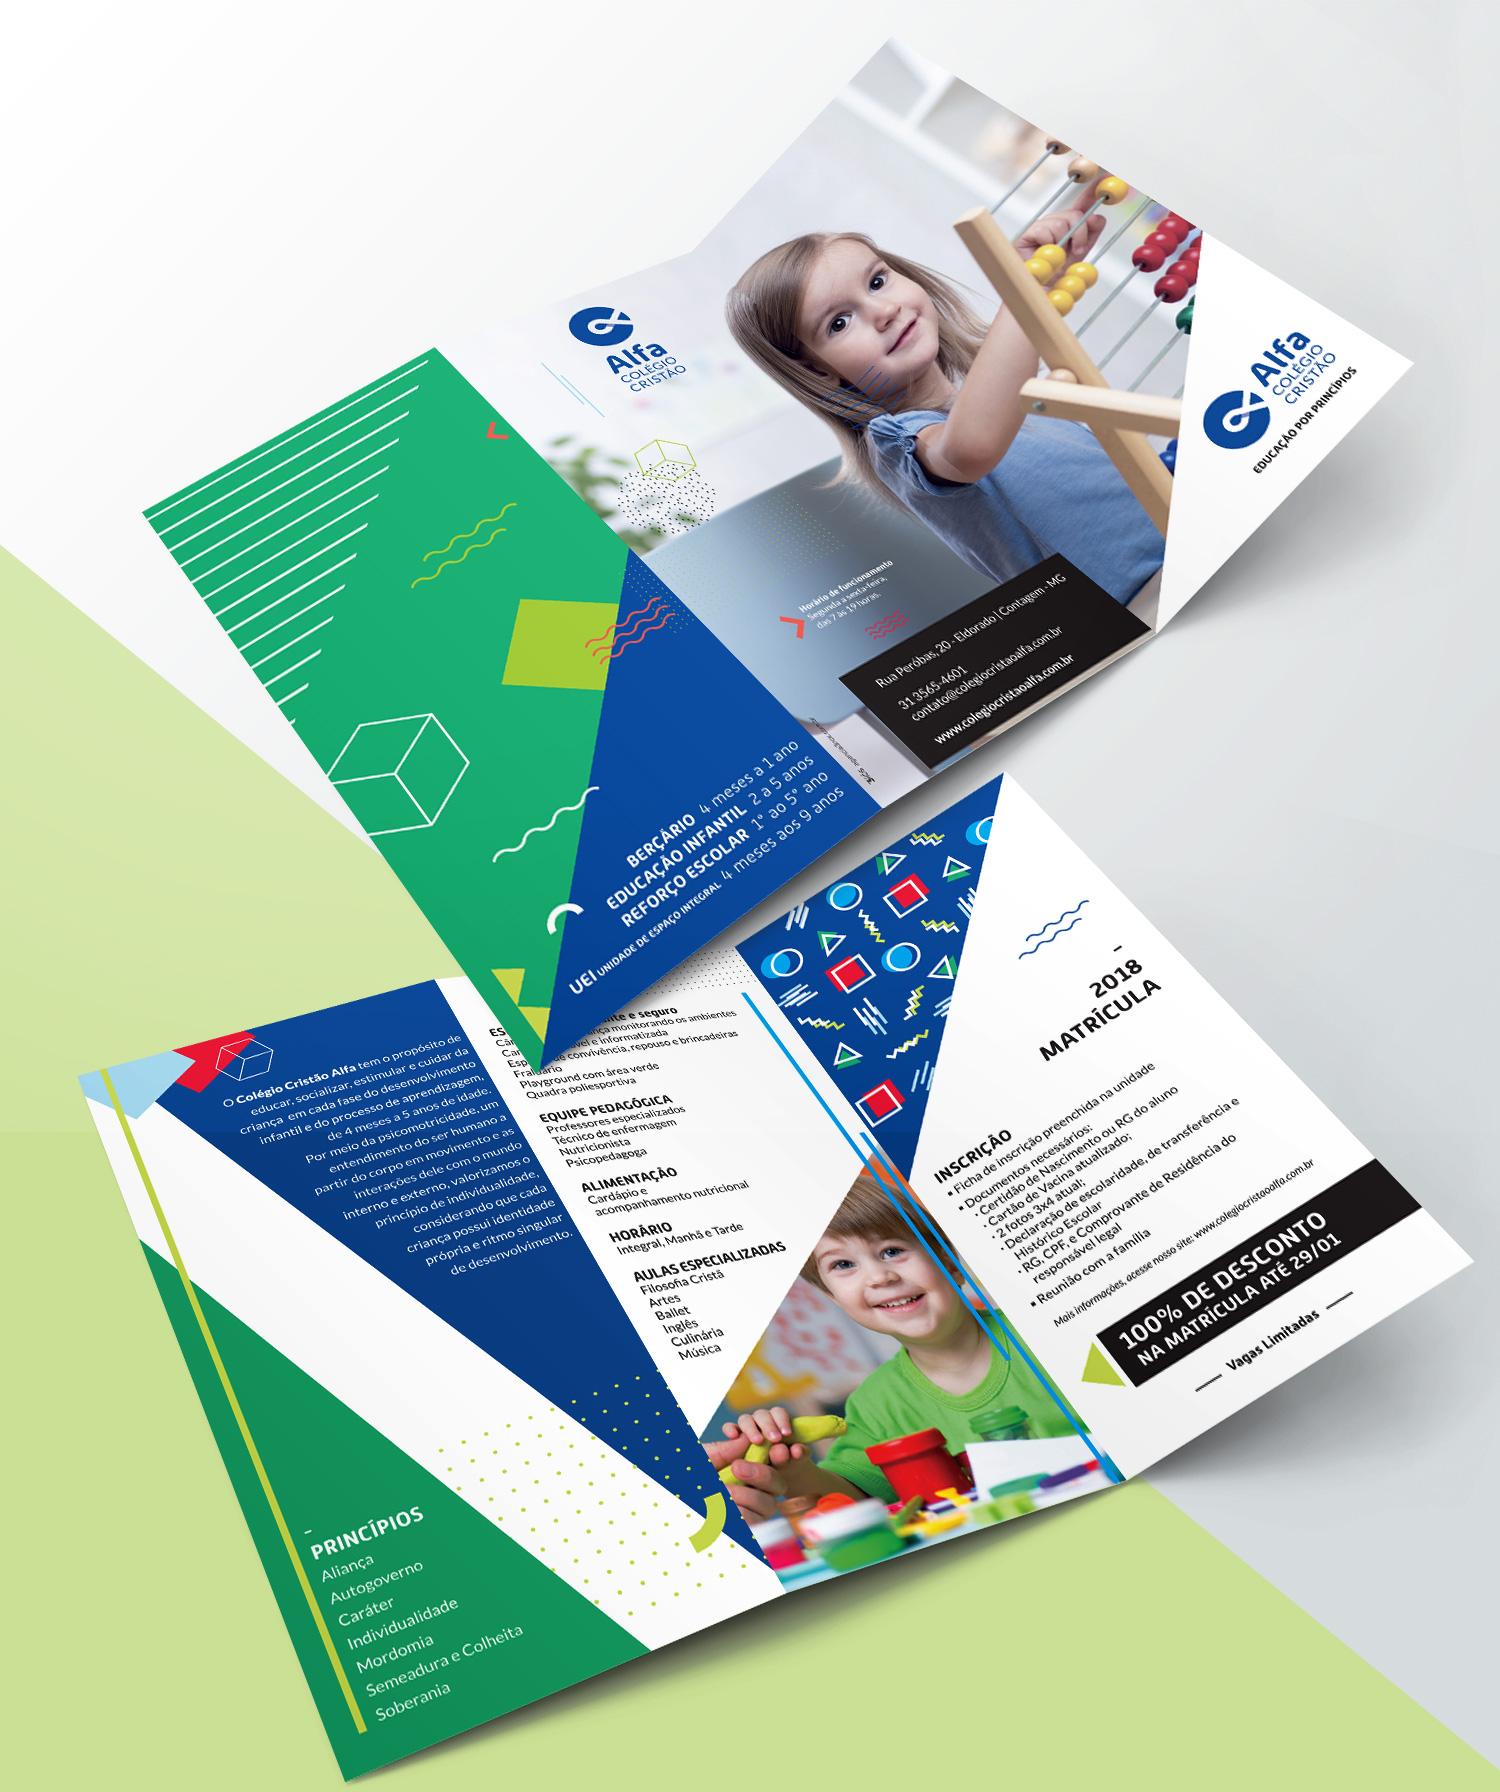 2-case-colegio-alfa-folder-